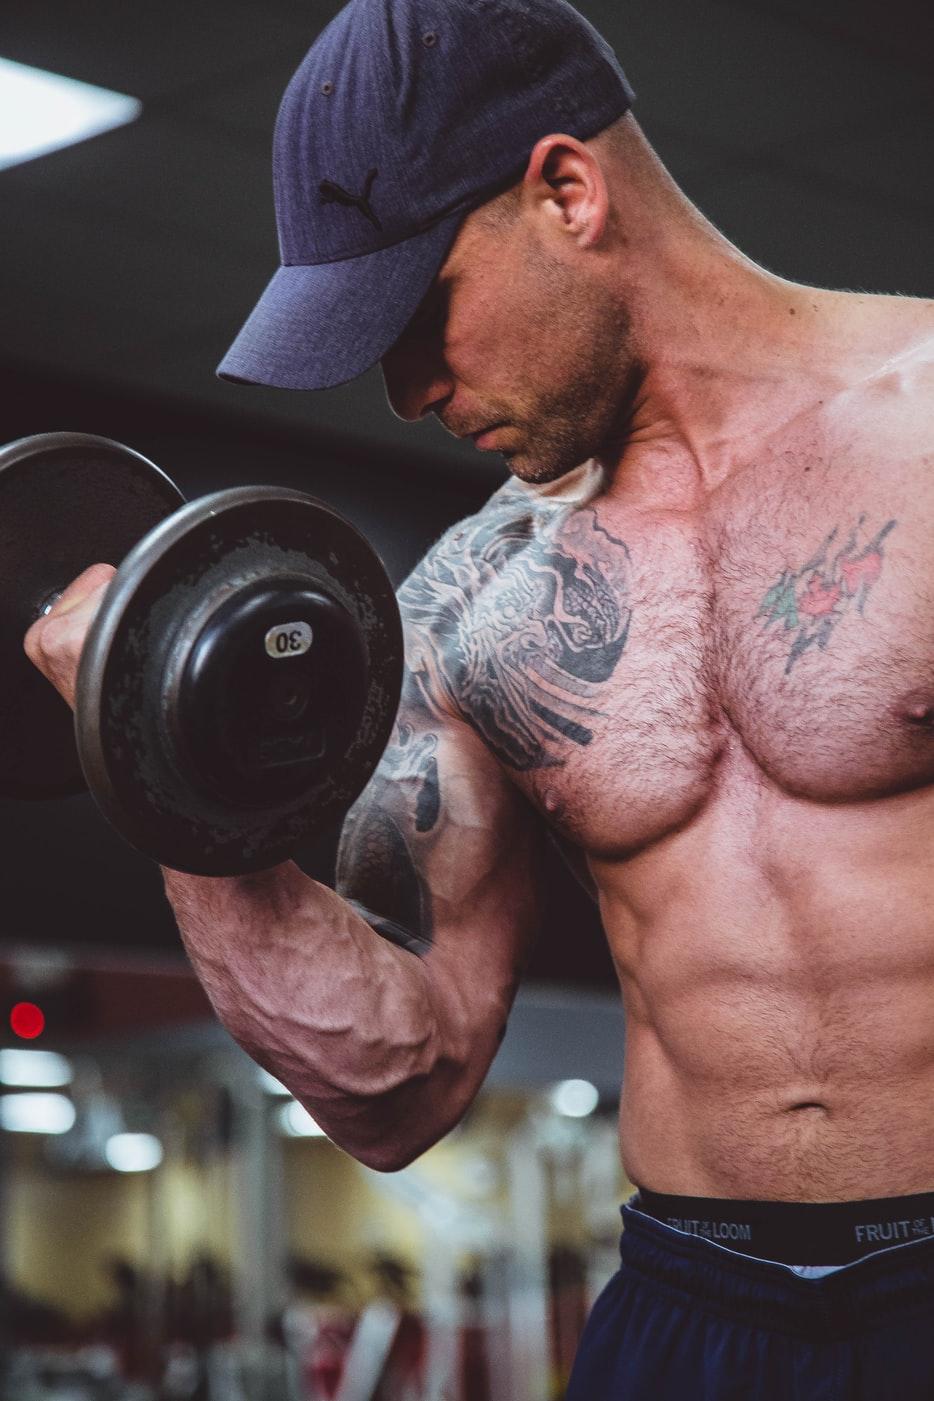 ワイ筋トレ民なんやが「使えへん筋肉やろw」って言われたときの対処法